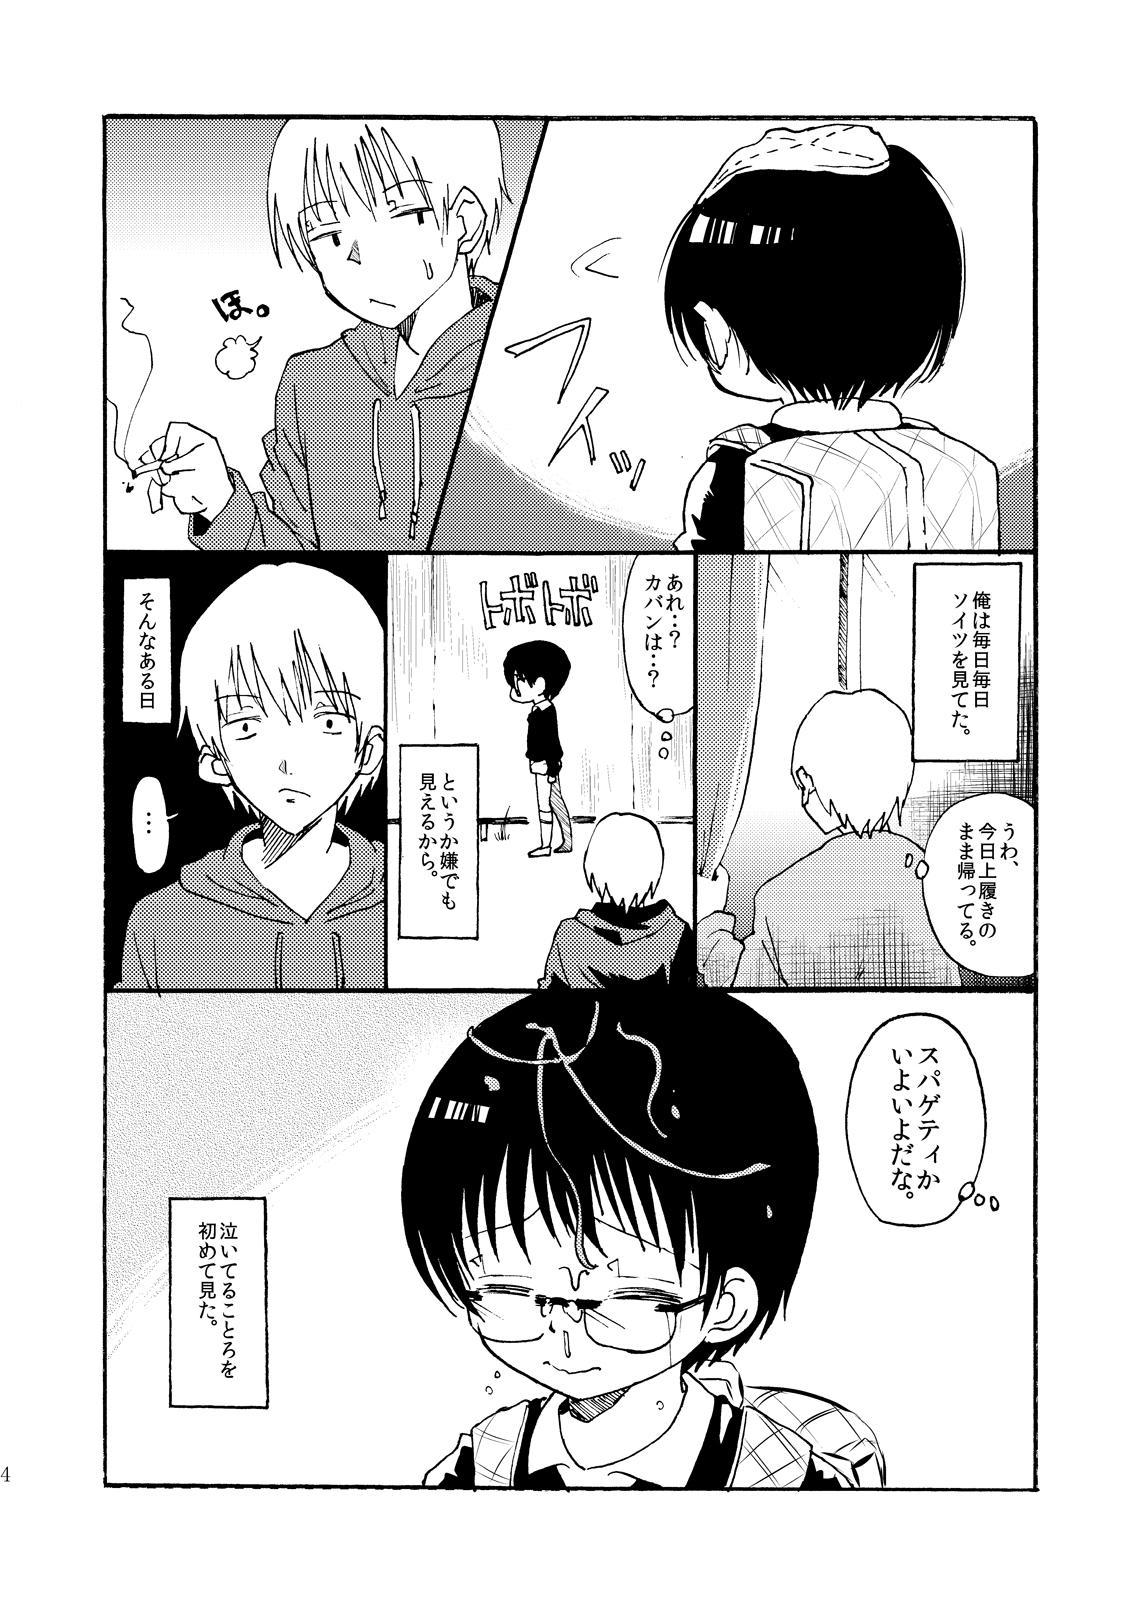 Yuugure Doki no ♂ Gakusei 2